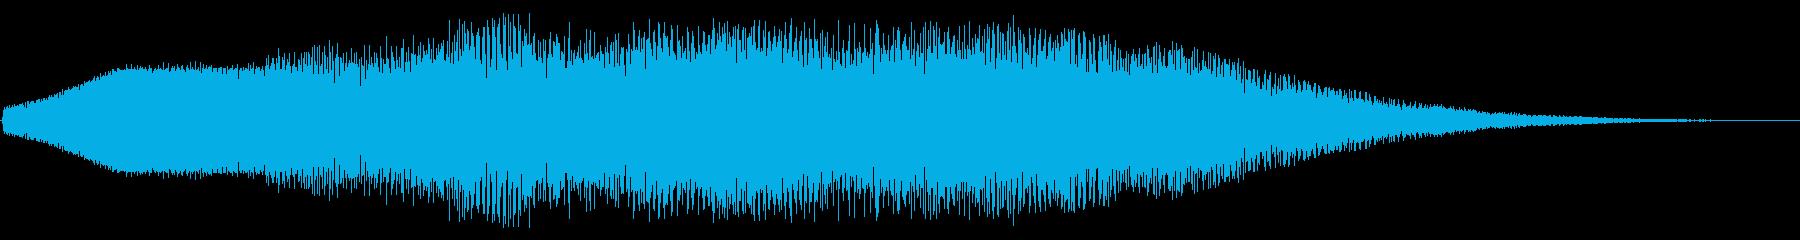 レトロゲーム風ジングルの再生済みの波形